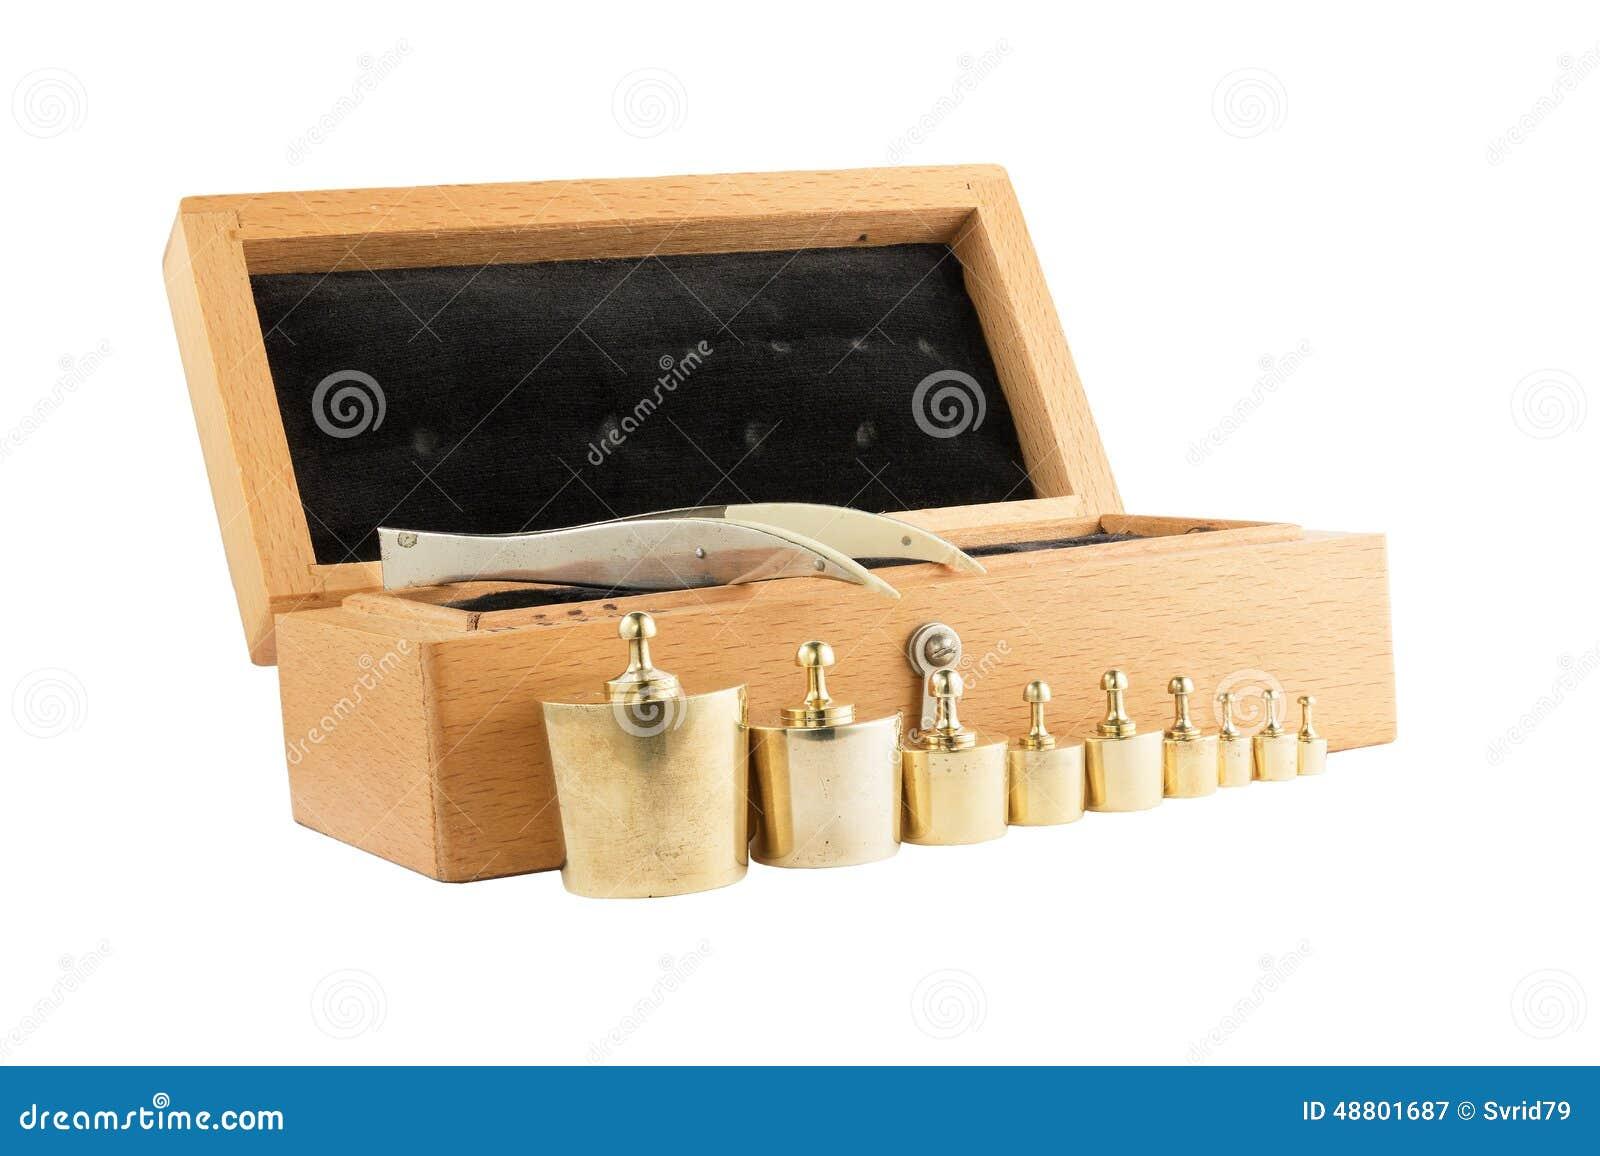 ensemble de petits poids pour peser dans une bo te en bois image stock image du isolement. Black Bedroom Furniture Sets. Home Design Ideas